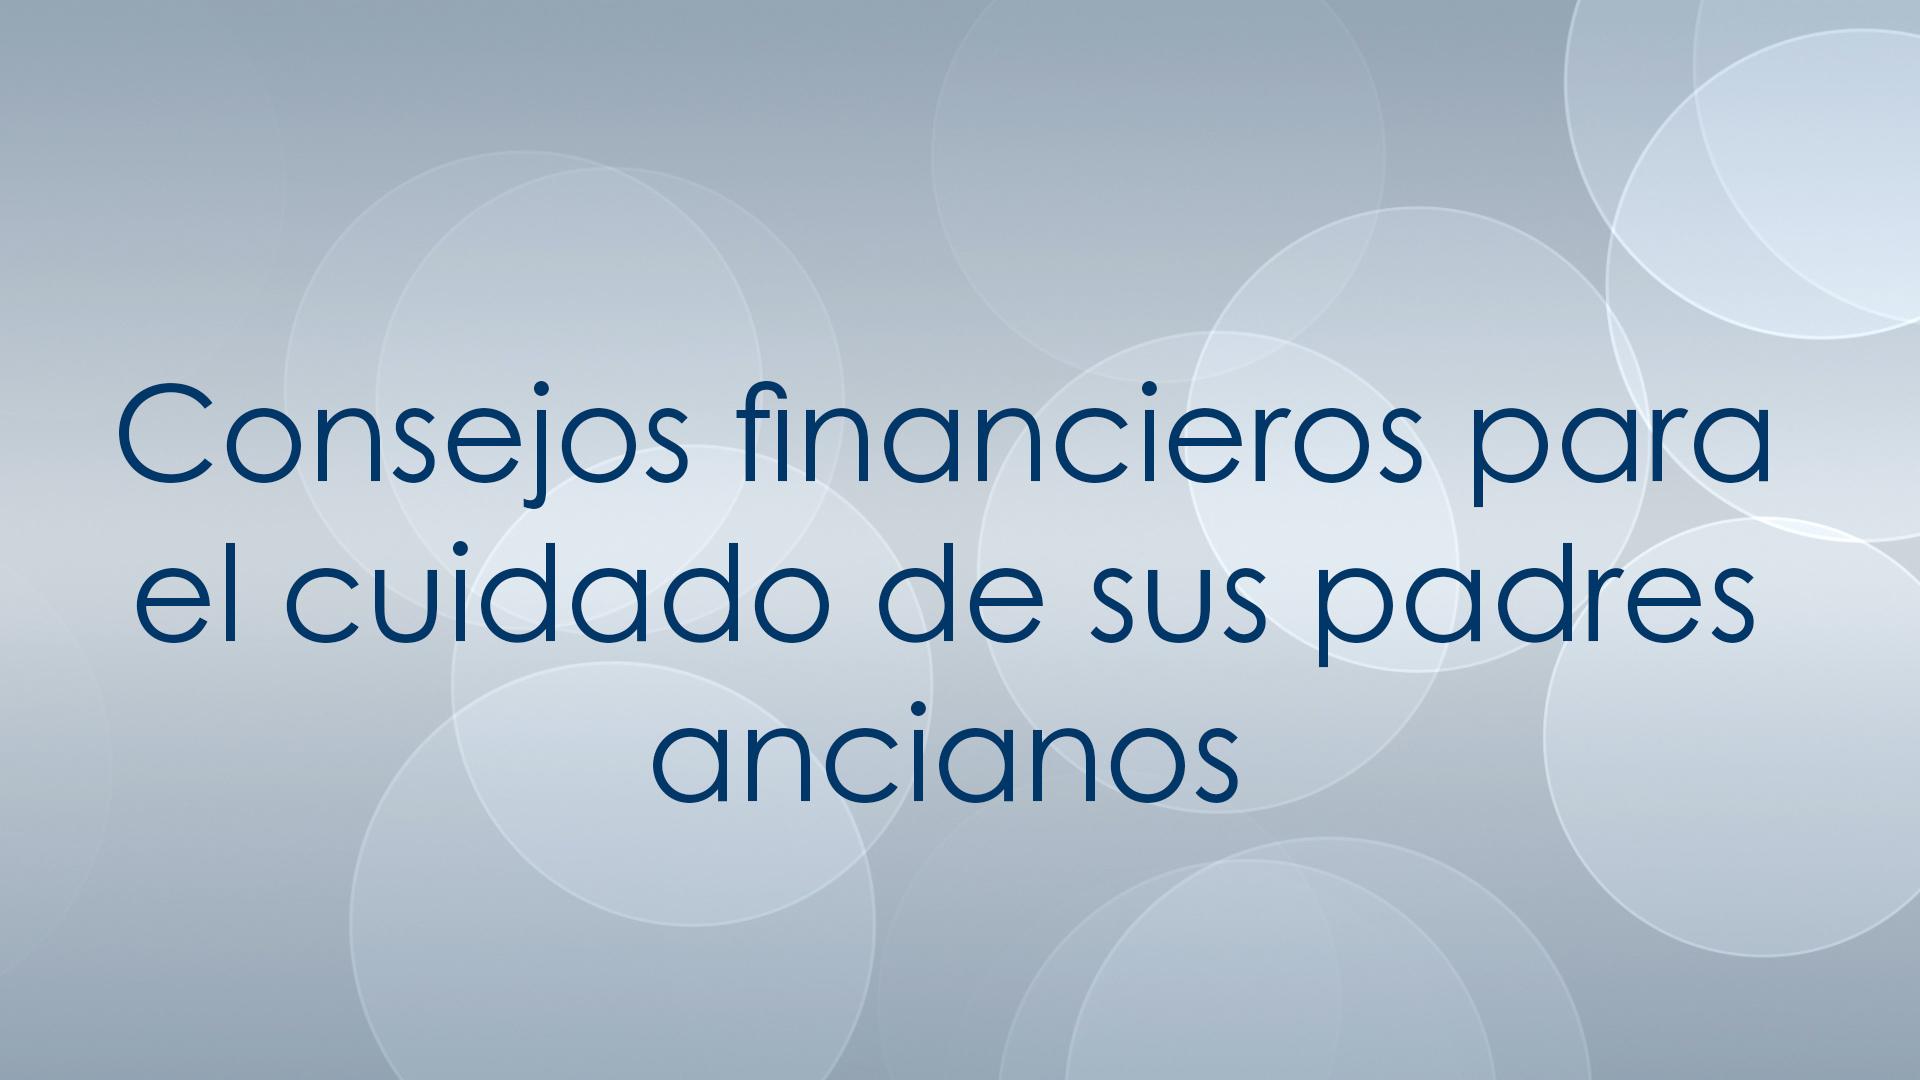 Consejos financieros para el cuidado de sus padres ancianos